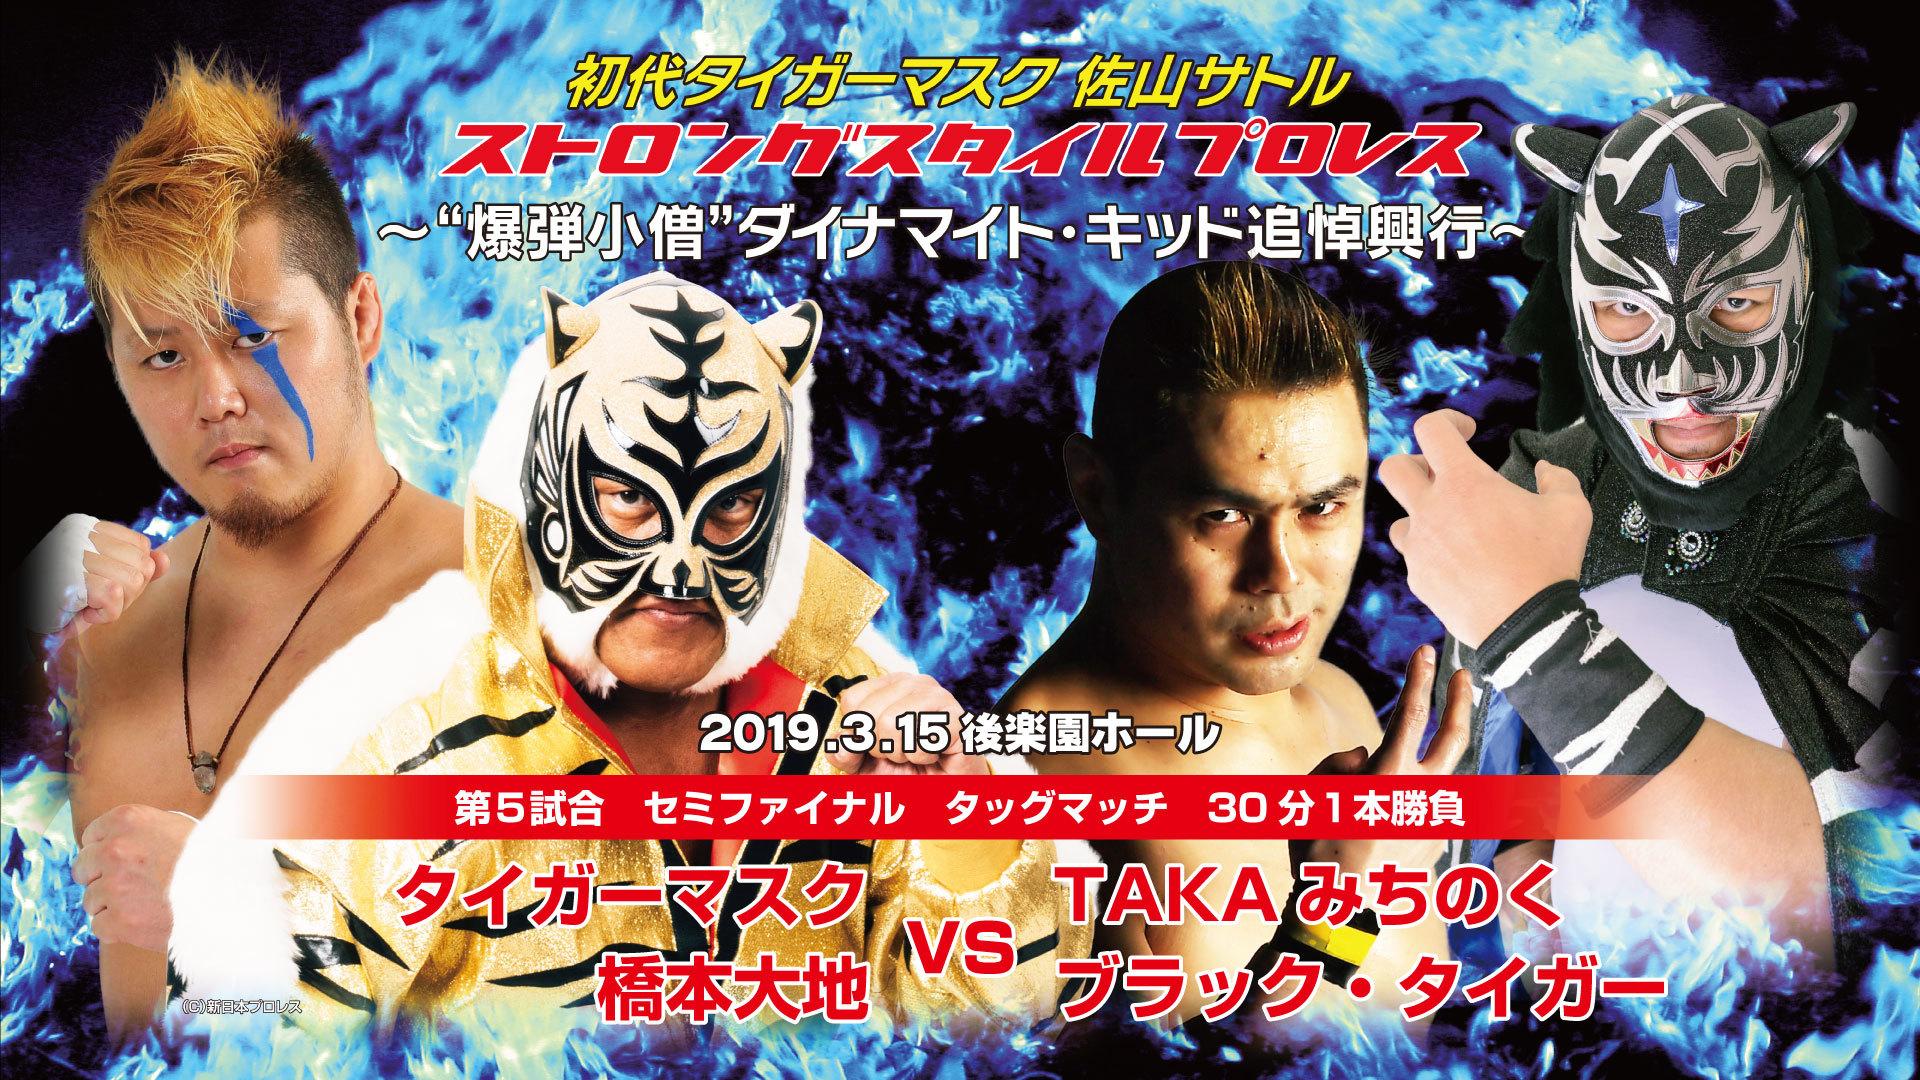 セミファイナルはタイガーマスク&橋本大地vsTAKAみちのく&ブラック・タイガー